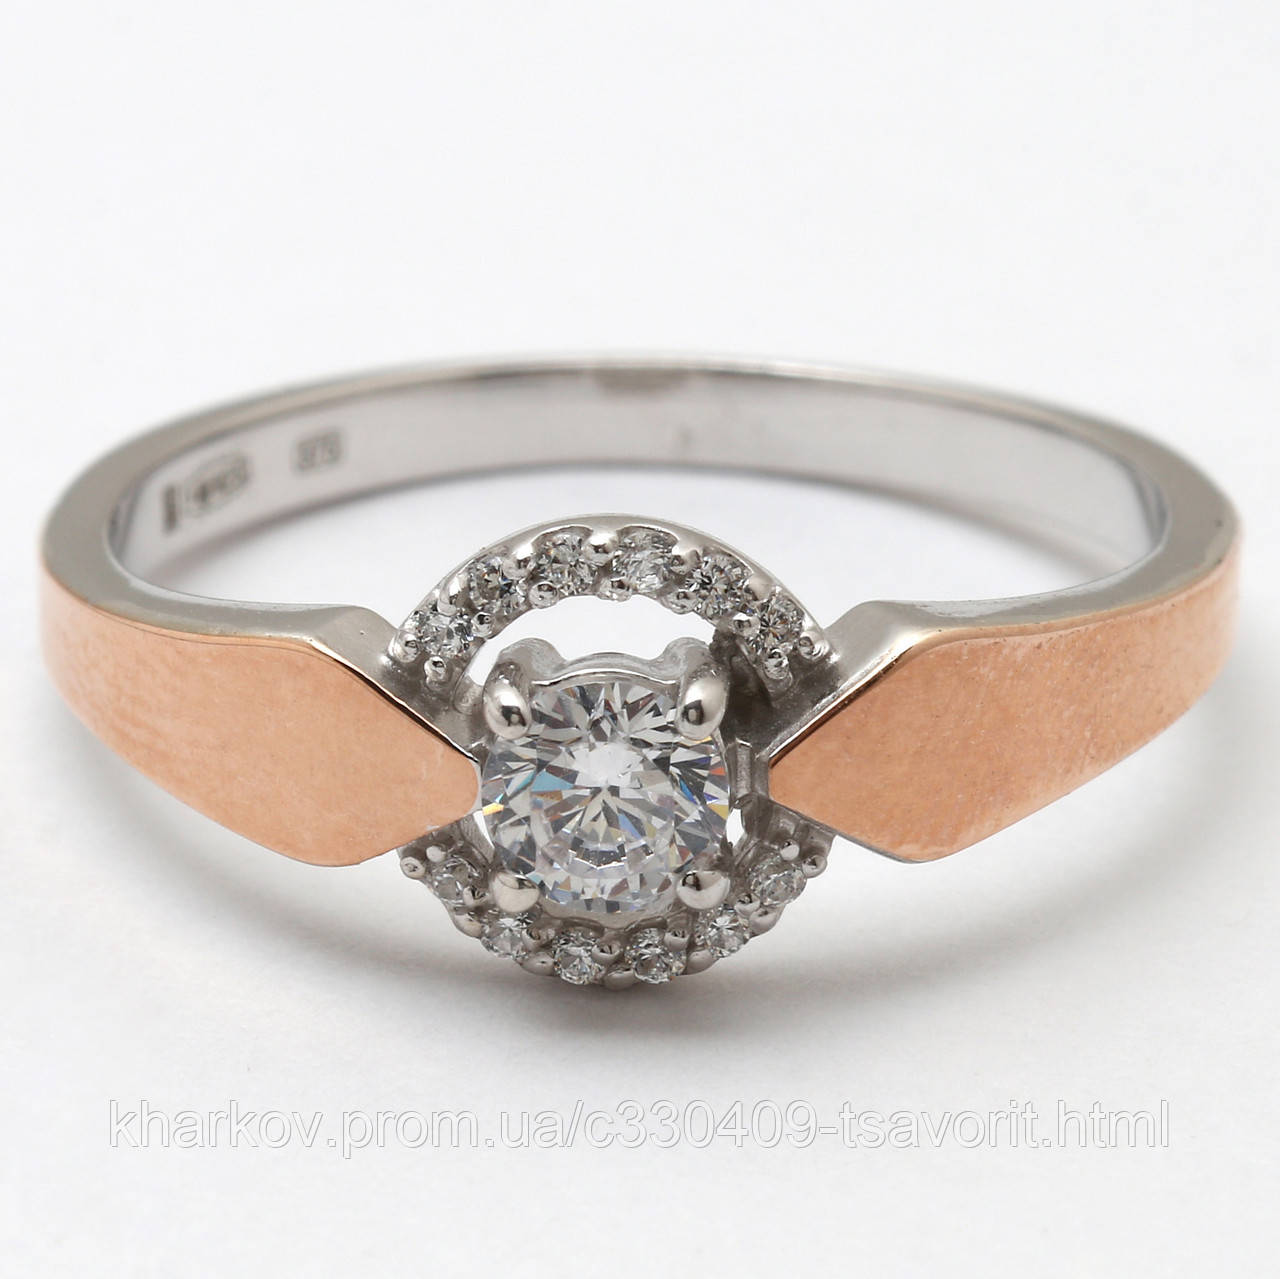 Серебряное кольцо с золотом КЖХ-110